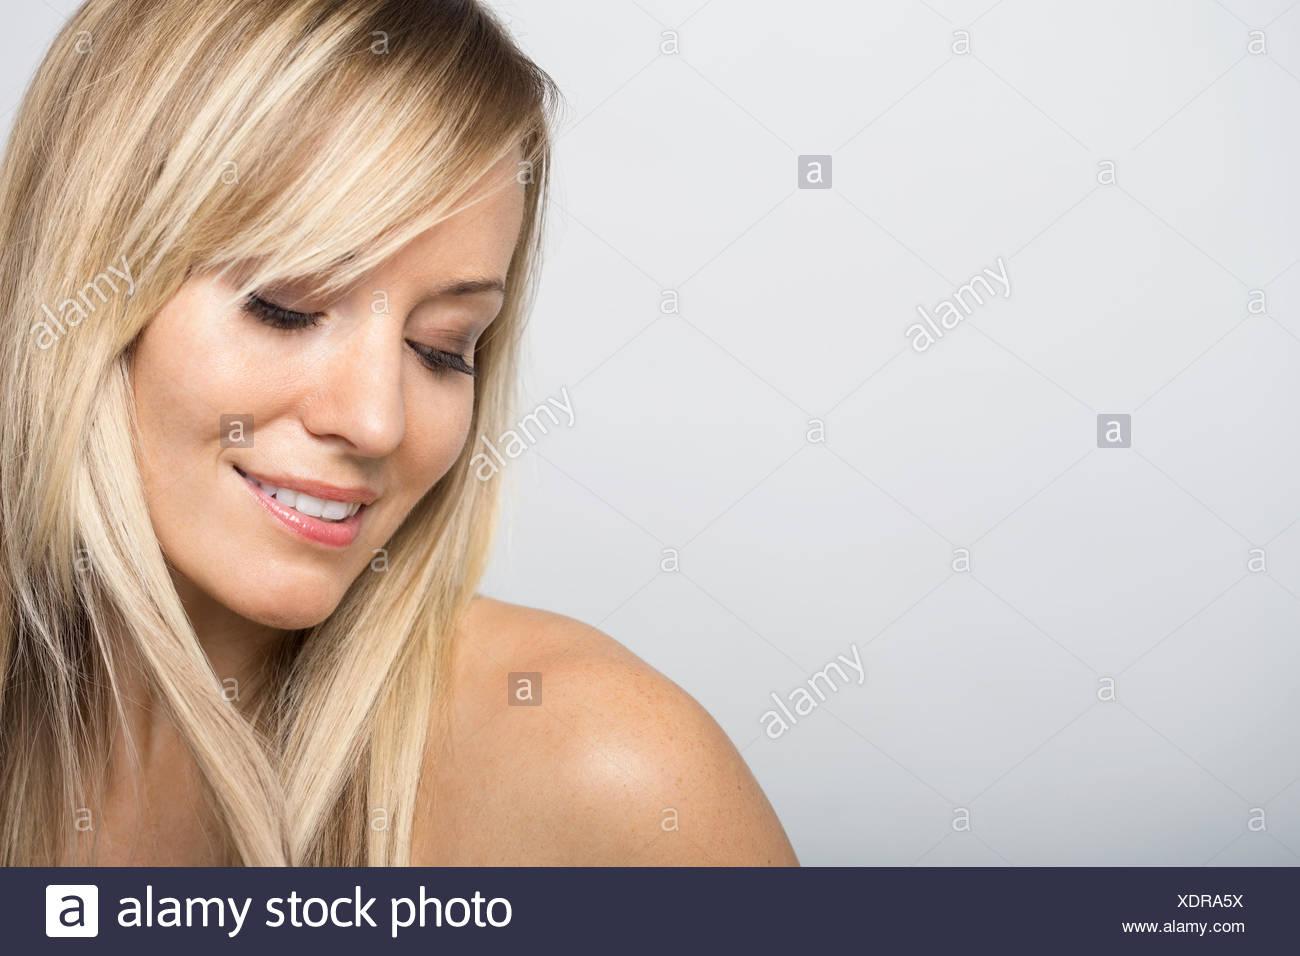 Femme blonde avec poitrine nue à la bas Photo Stock